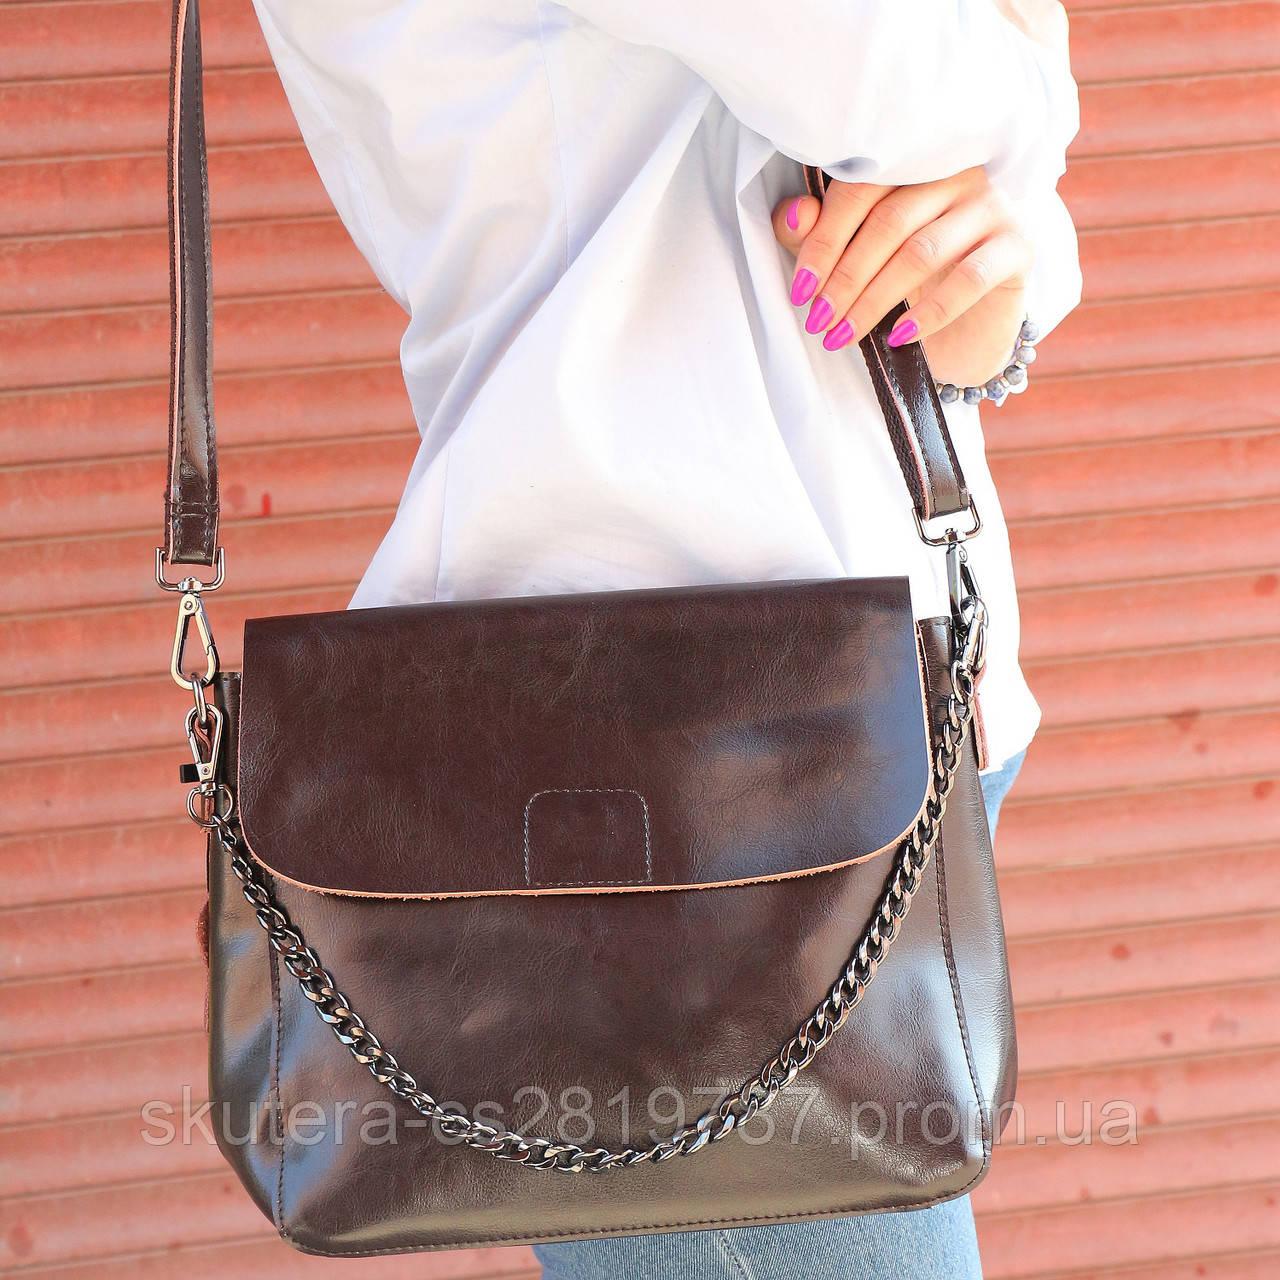 ed91da4629c0 Женская кожаная сумка